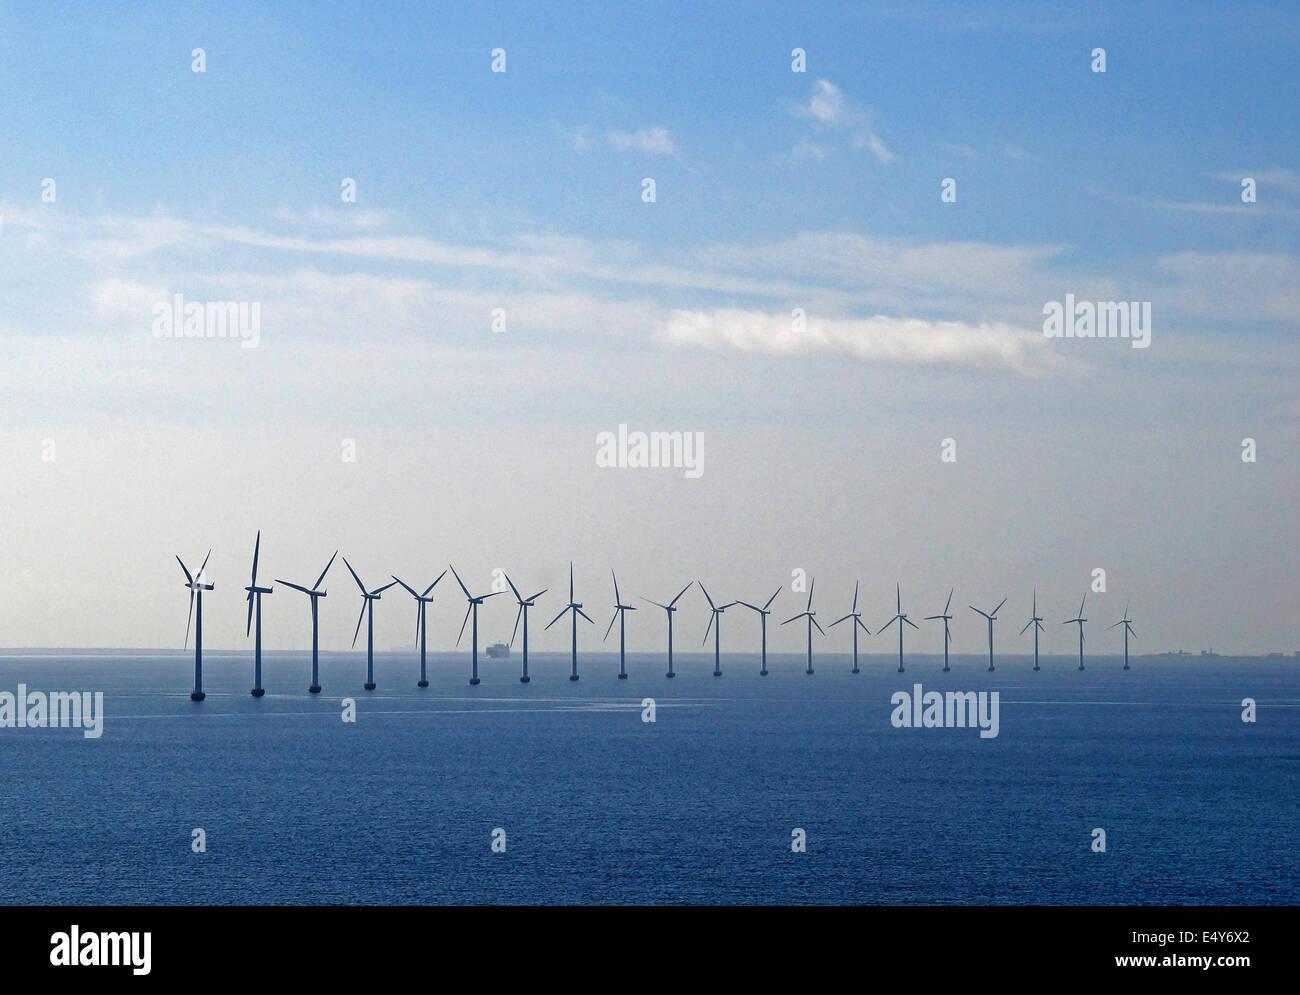 Offshore wind farm Denmark - Stock Image